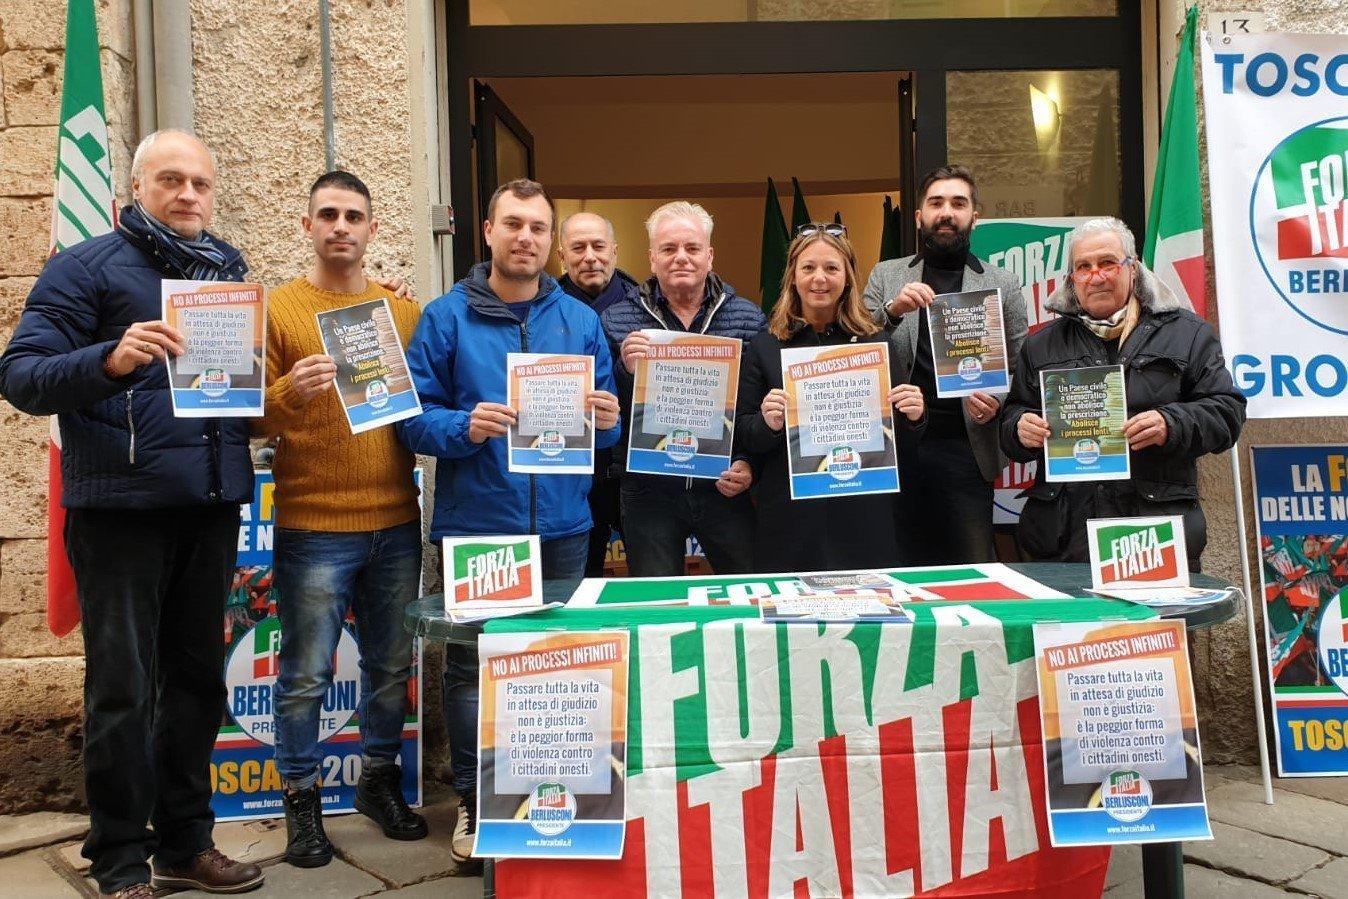 Prescrizione, Ripani e Marrini: mobilitazione per abrogare la riforma